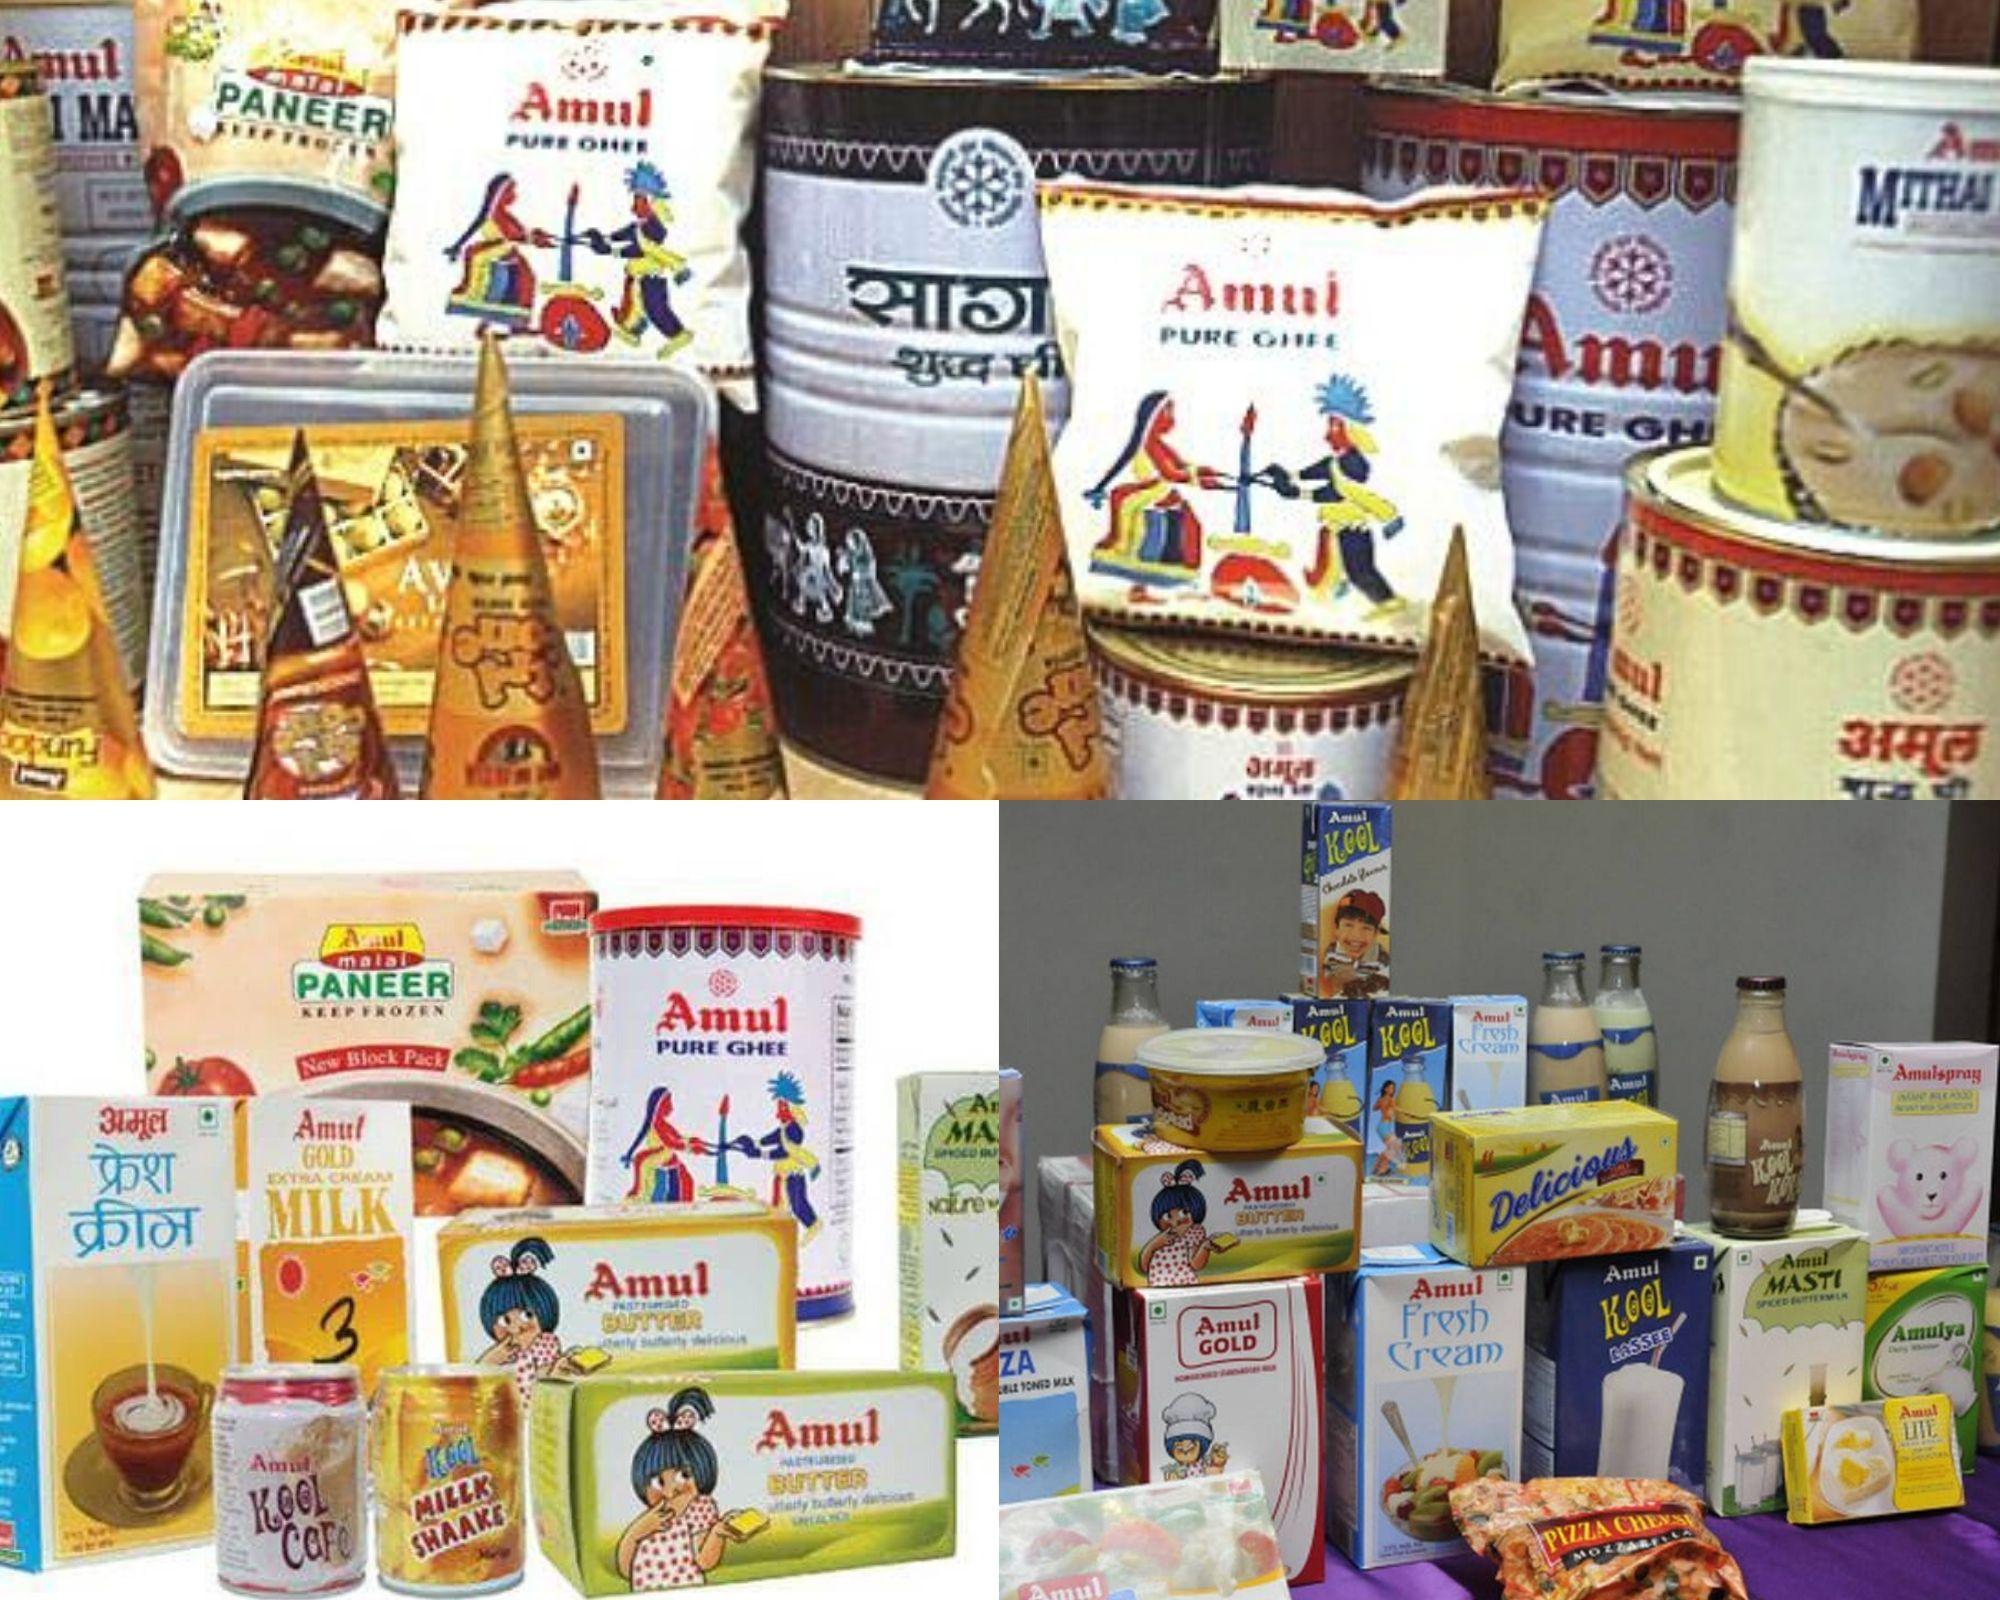 Amul-product